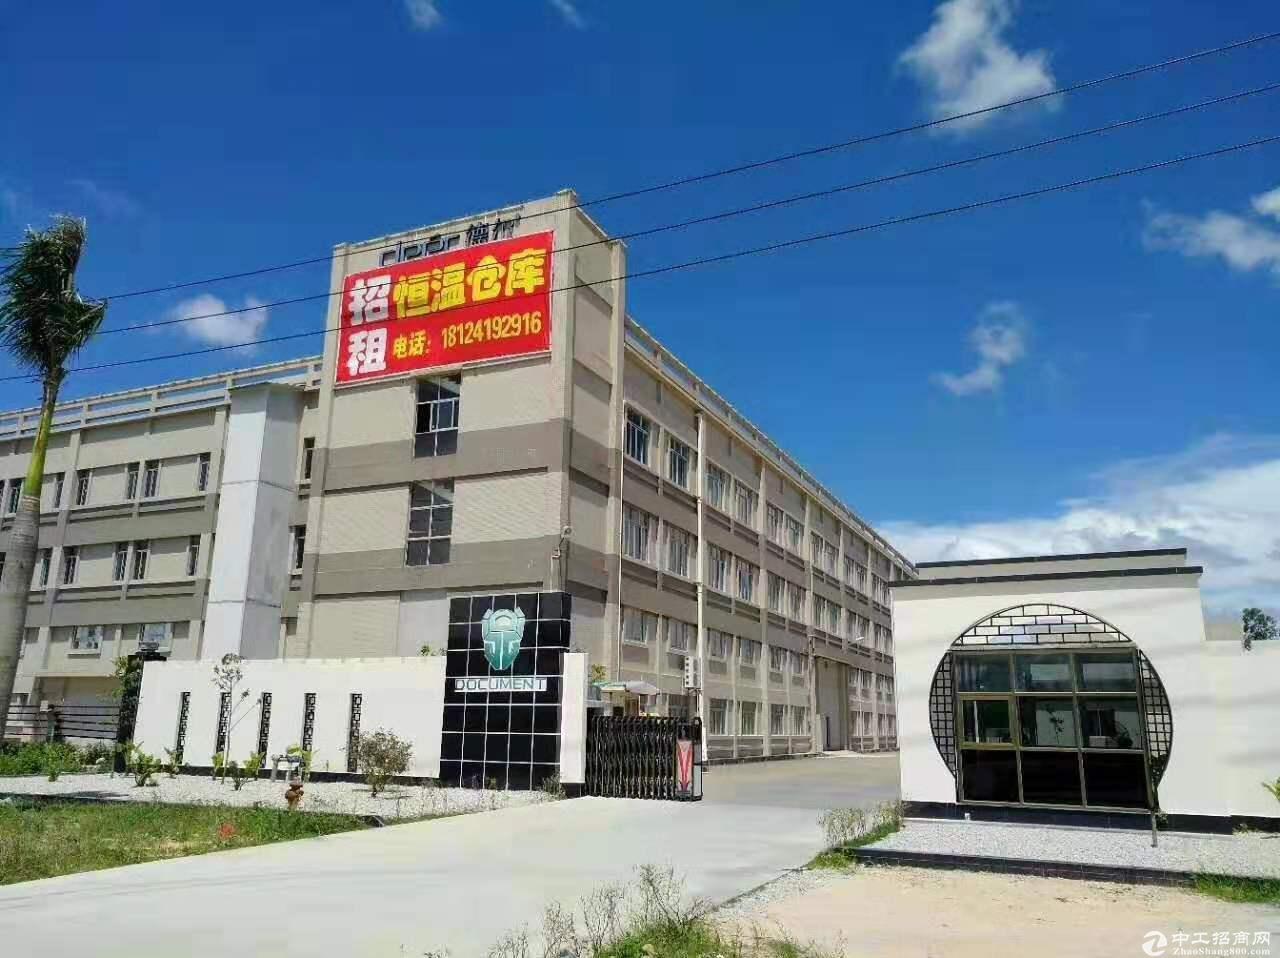 阳江高新区德尔工业园厂房/仓库出租-图5